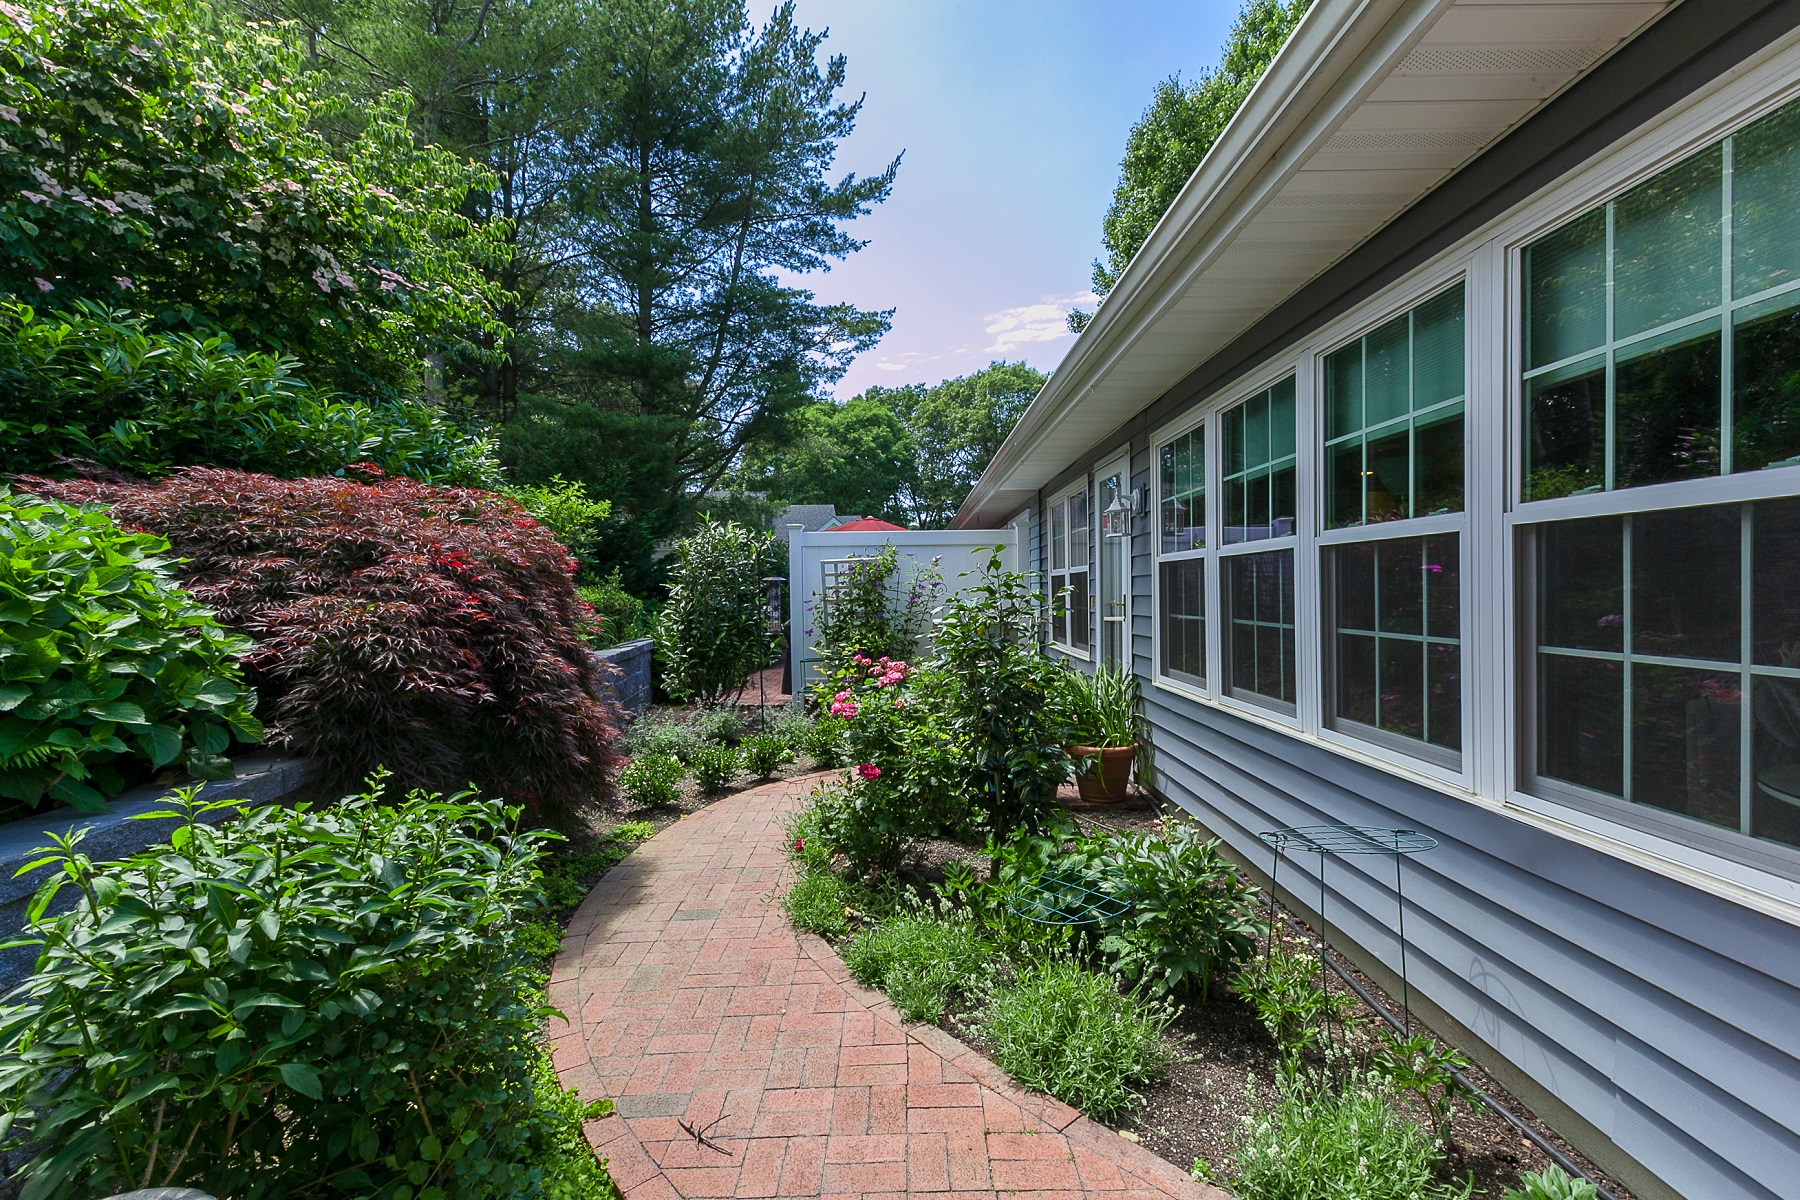 Eigentumswohnung für Verkauf beim 2 Huntington Ct , Ridge, NY 11961 2 Huntington Ct Ridge, New York, 11961 Vereinigte Staaten